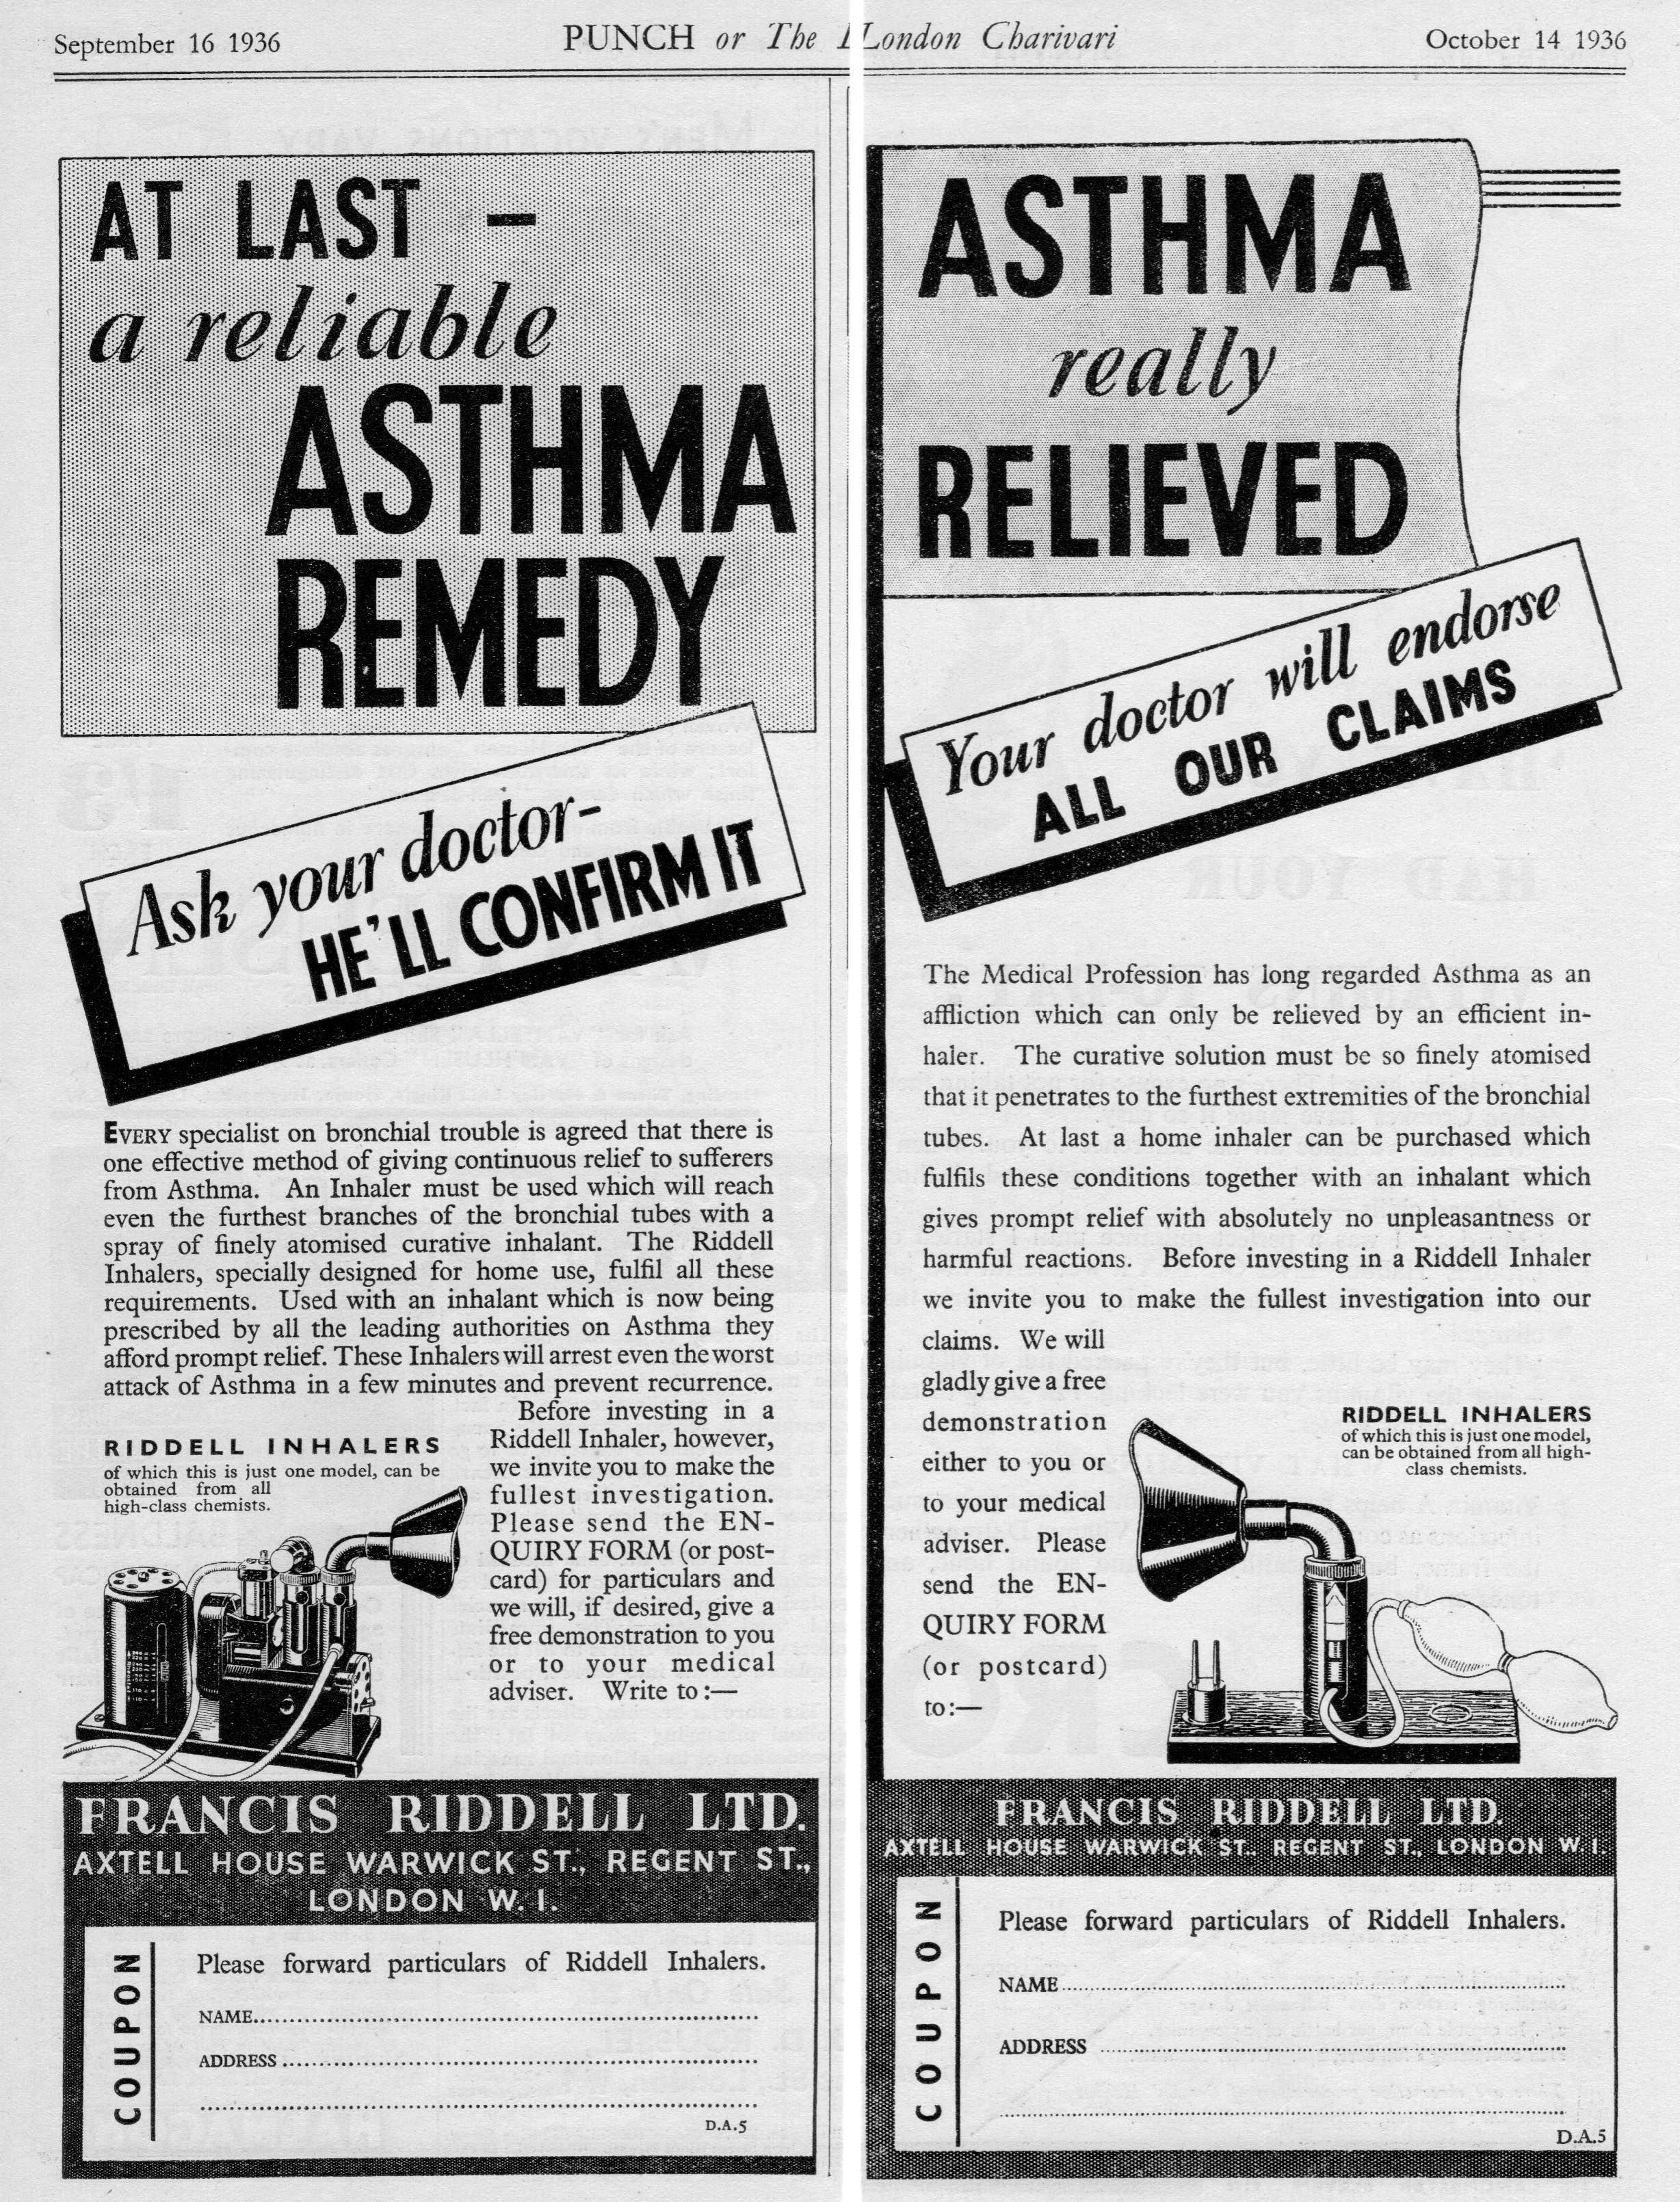 1936 Riddell Inhaler ad